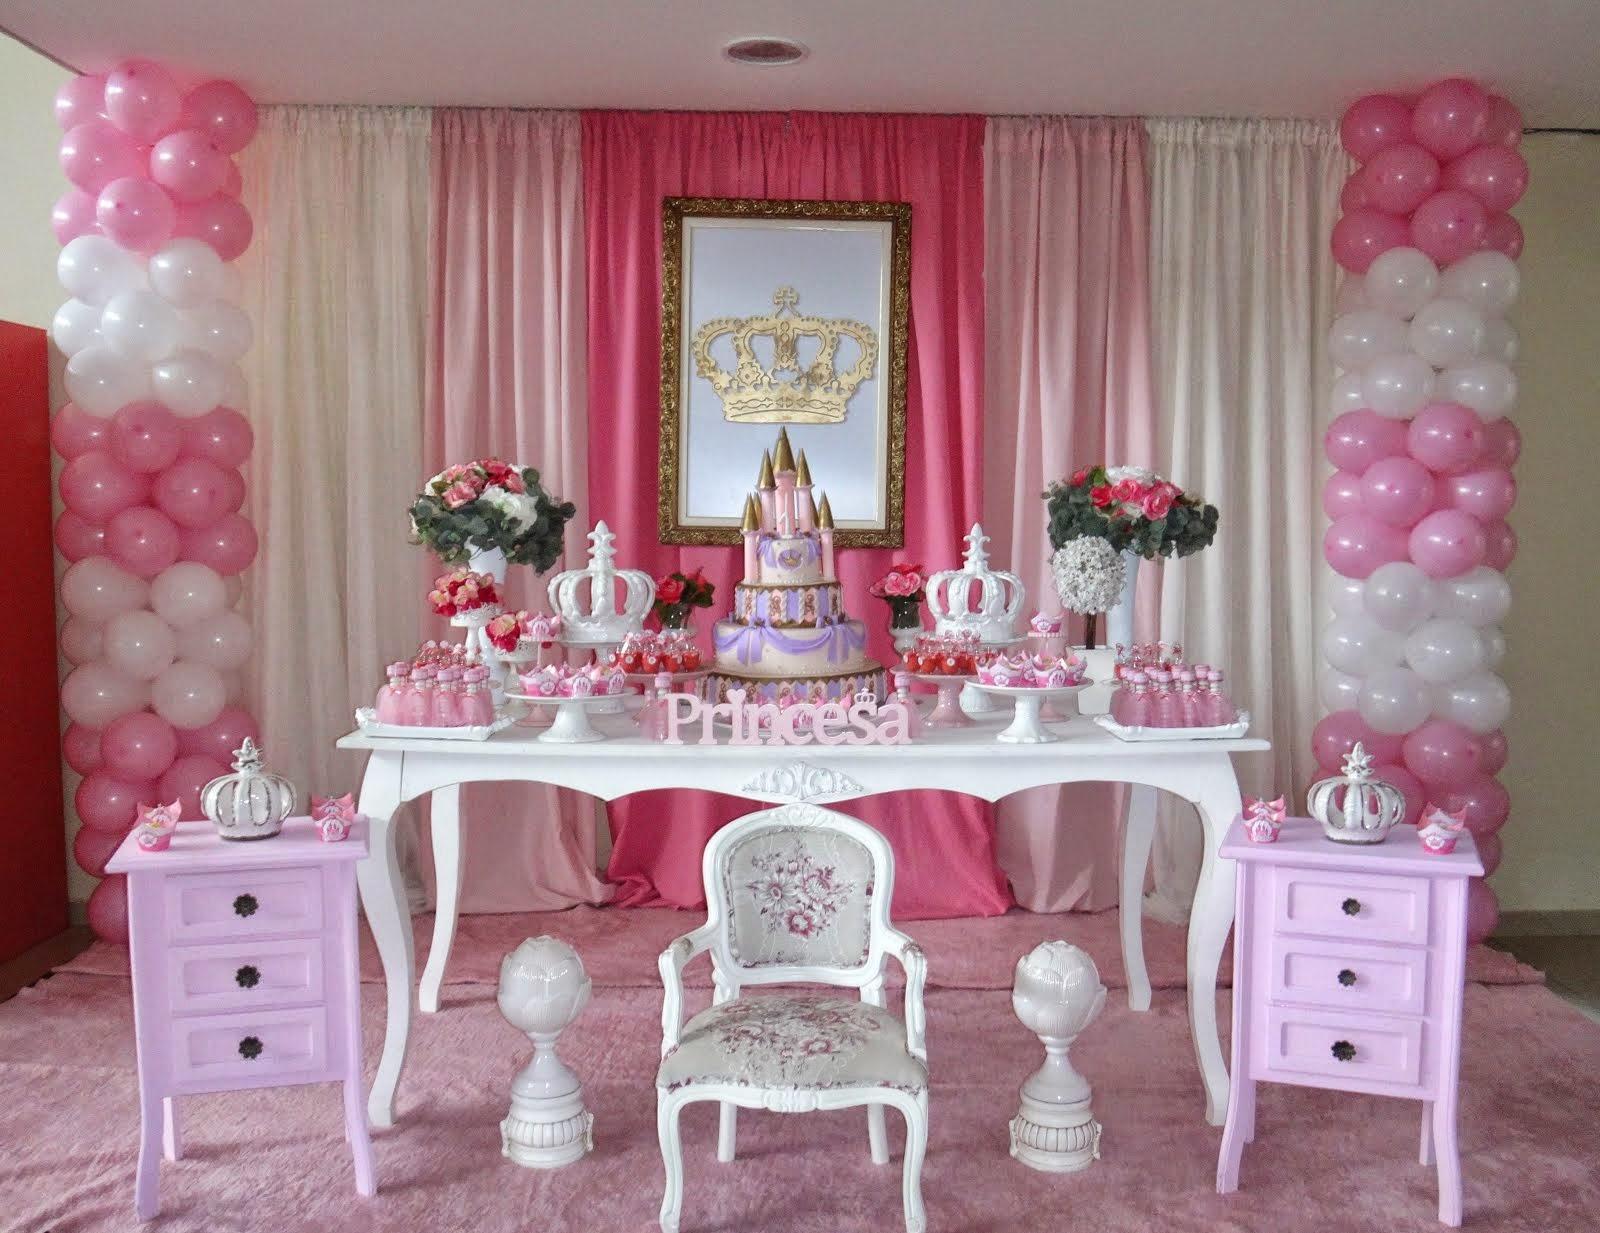 decoração princesas